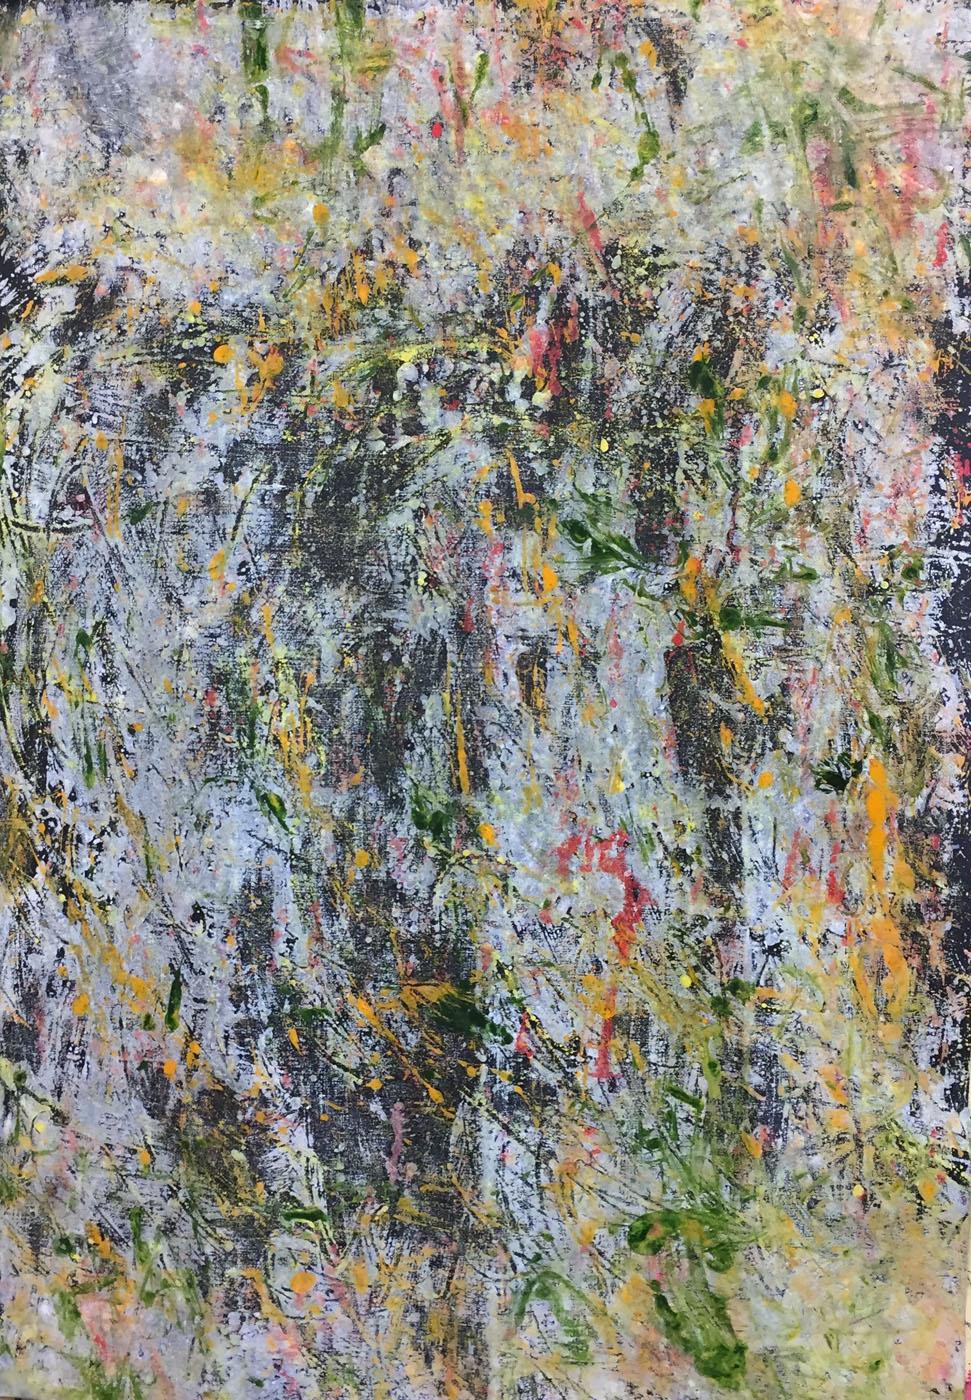 MARC FELD 2020 GROOVE 3 Huile, acrylique et pigment sur papier 70 x 130 cm